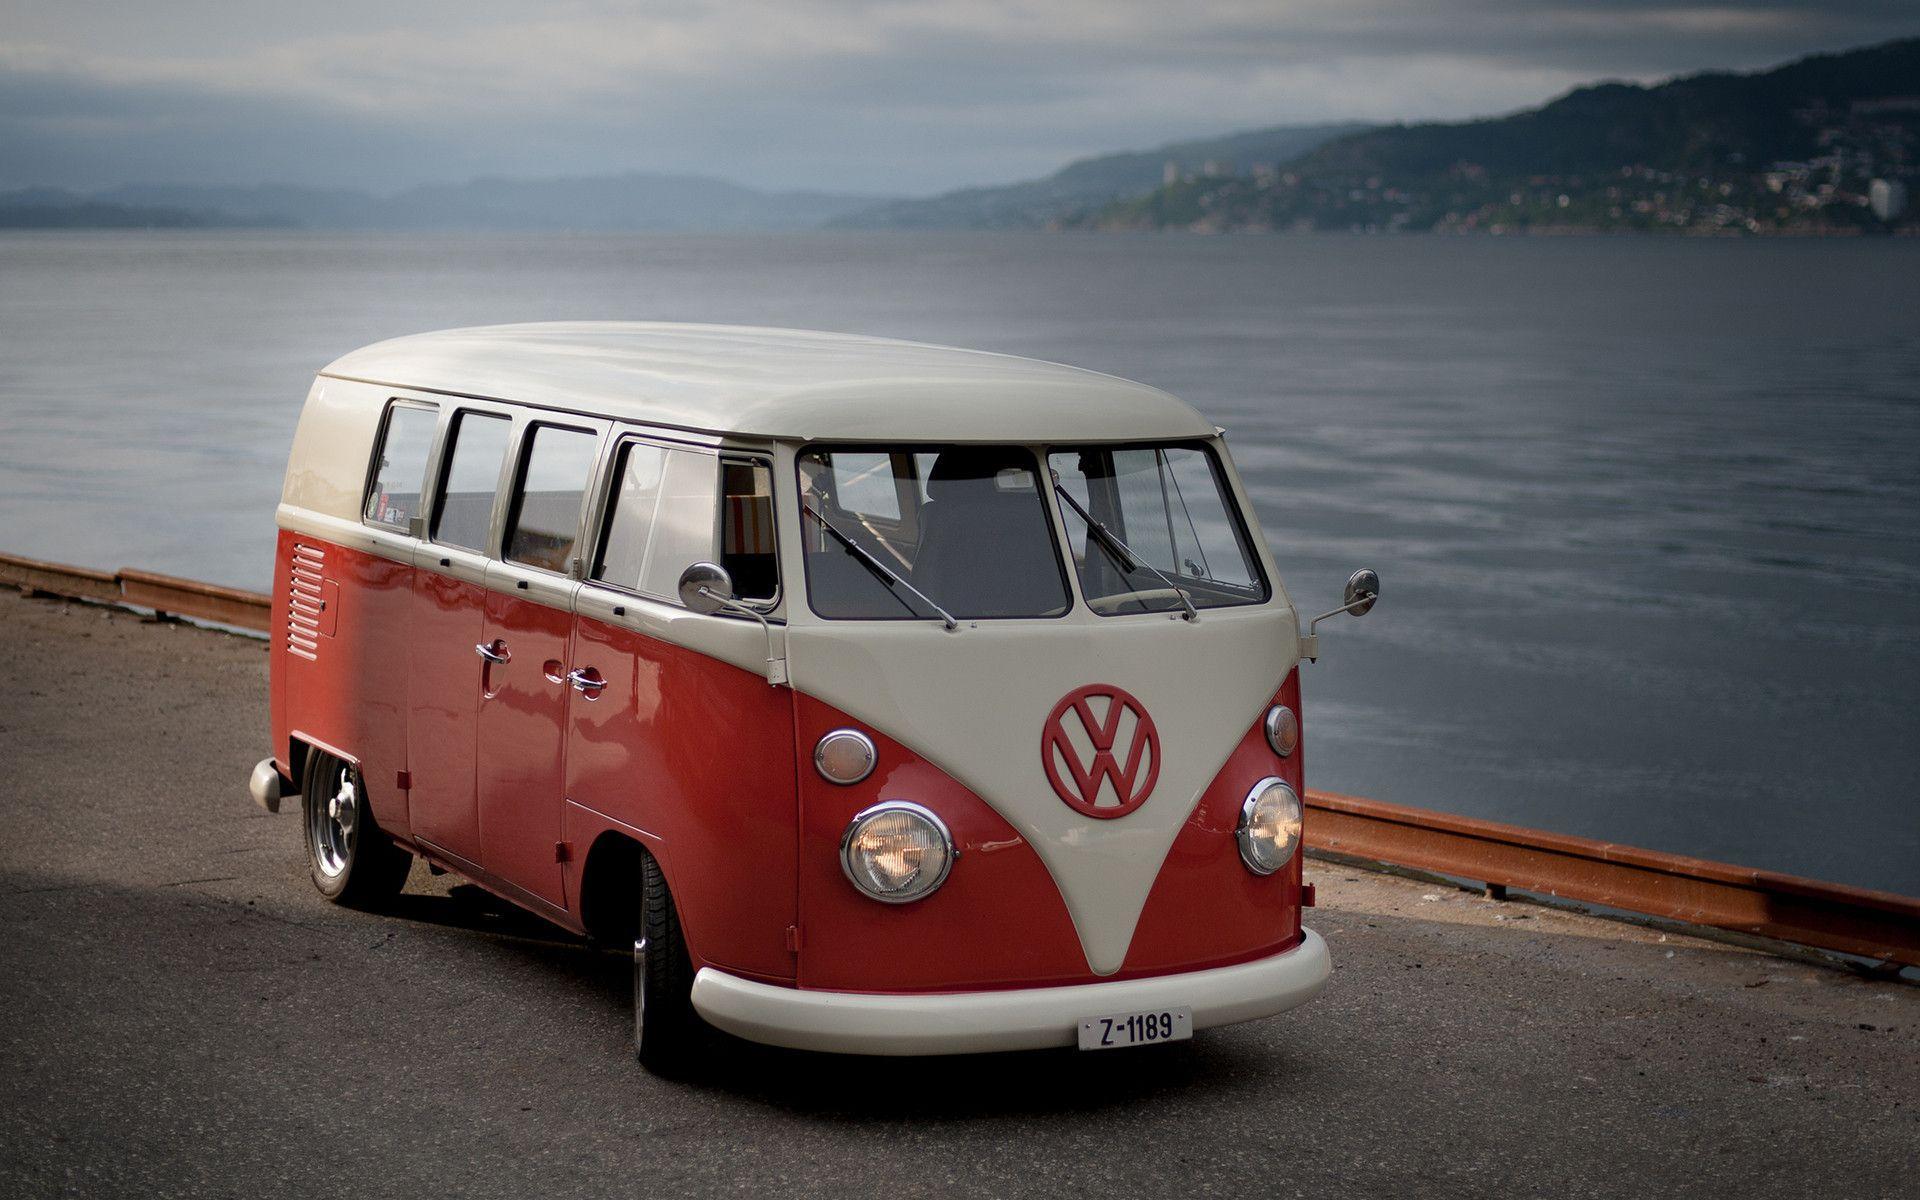 volkswagen buses wallpaper screensavers - photo #5